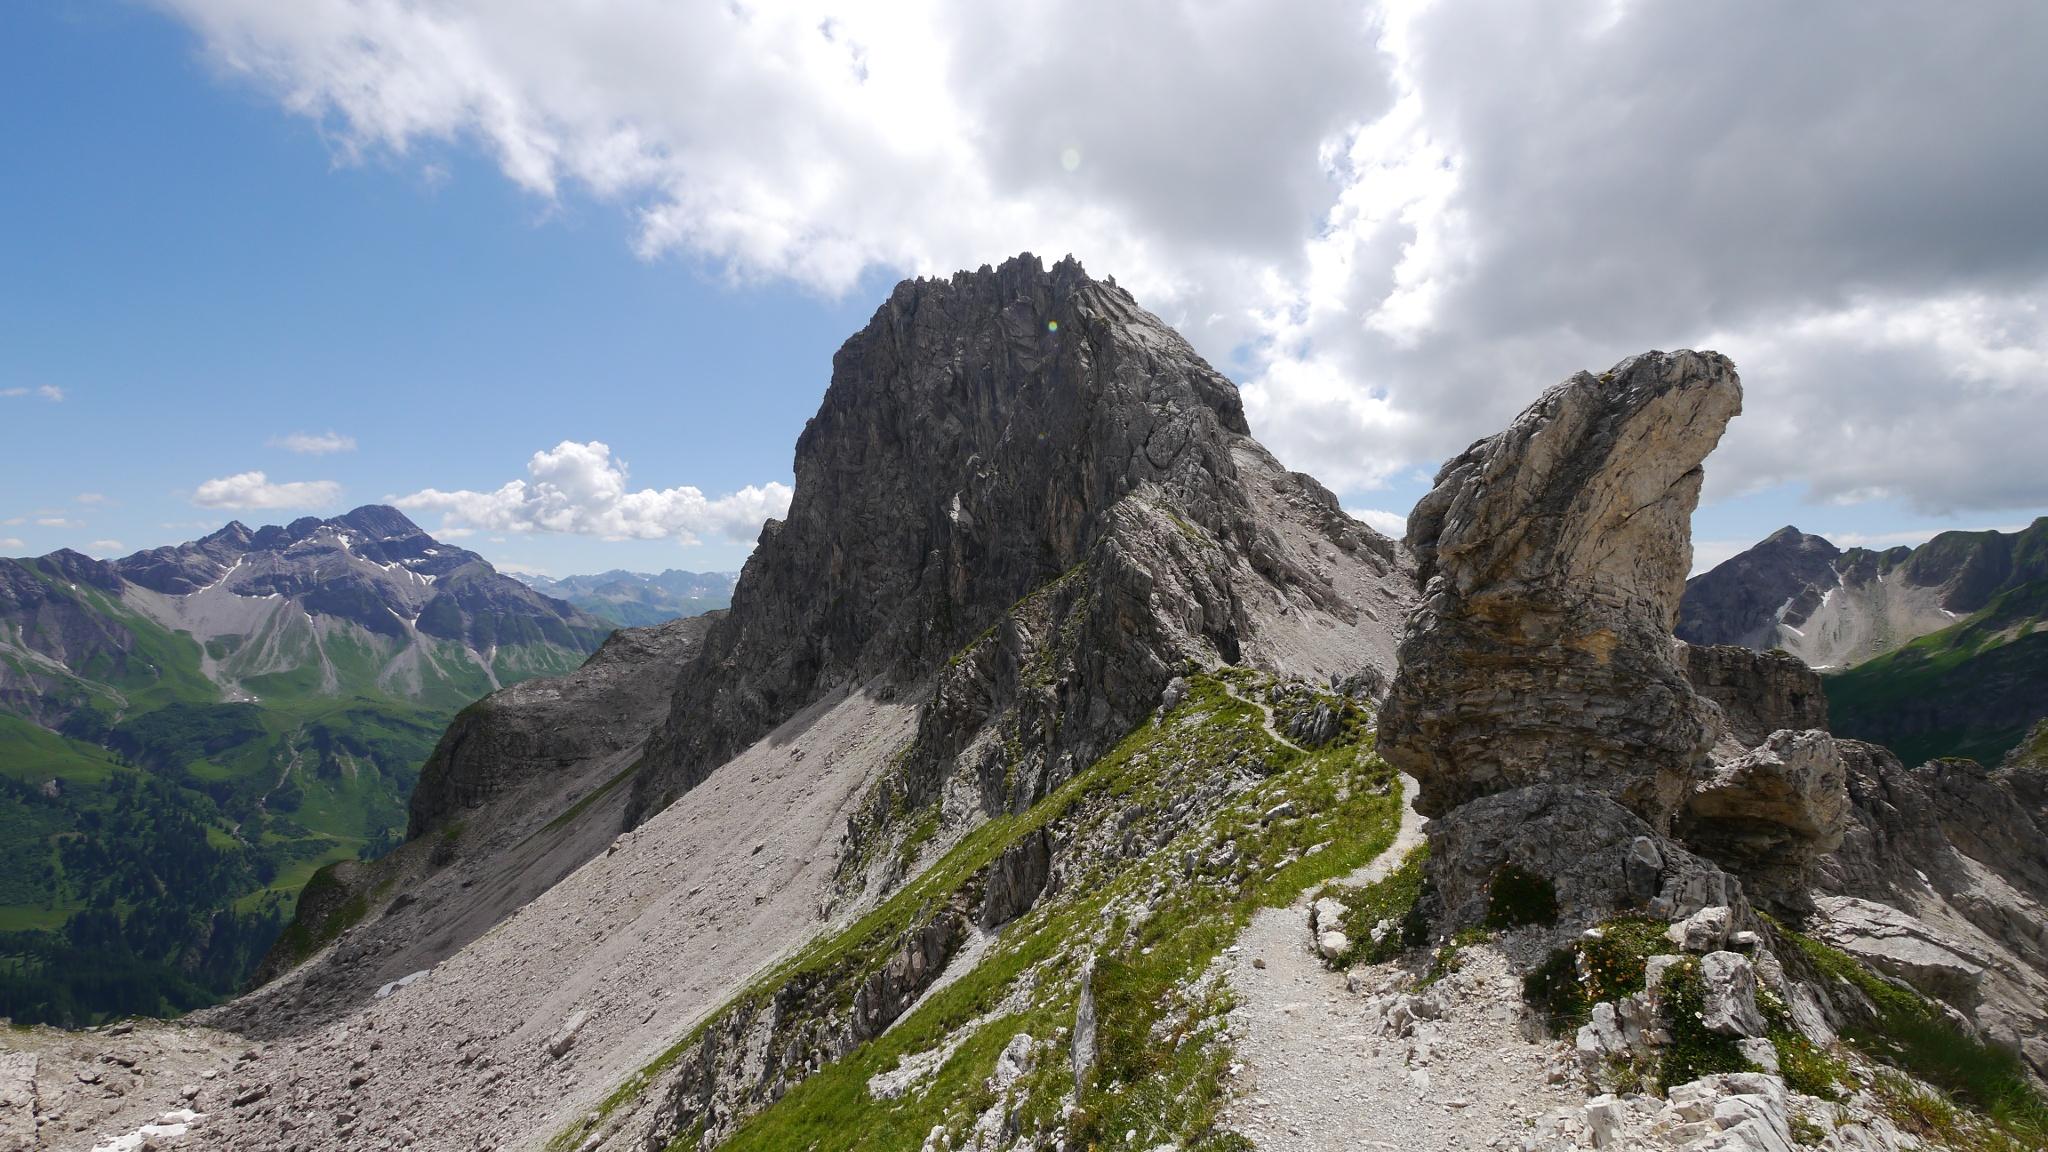 Klettersteig Kleinwalsertal : Von der fiderepasshütte über den mindelheimer klettersteig